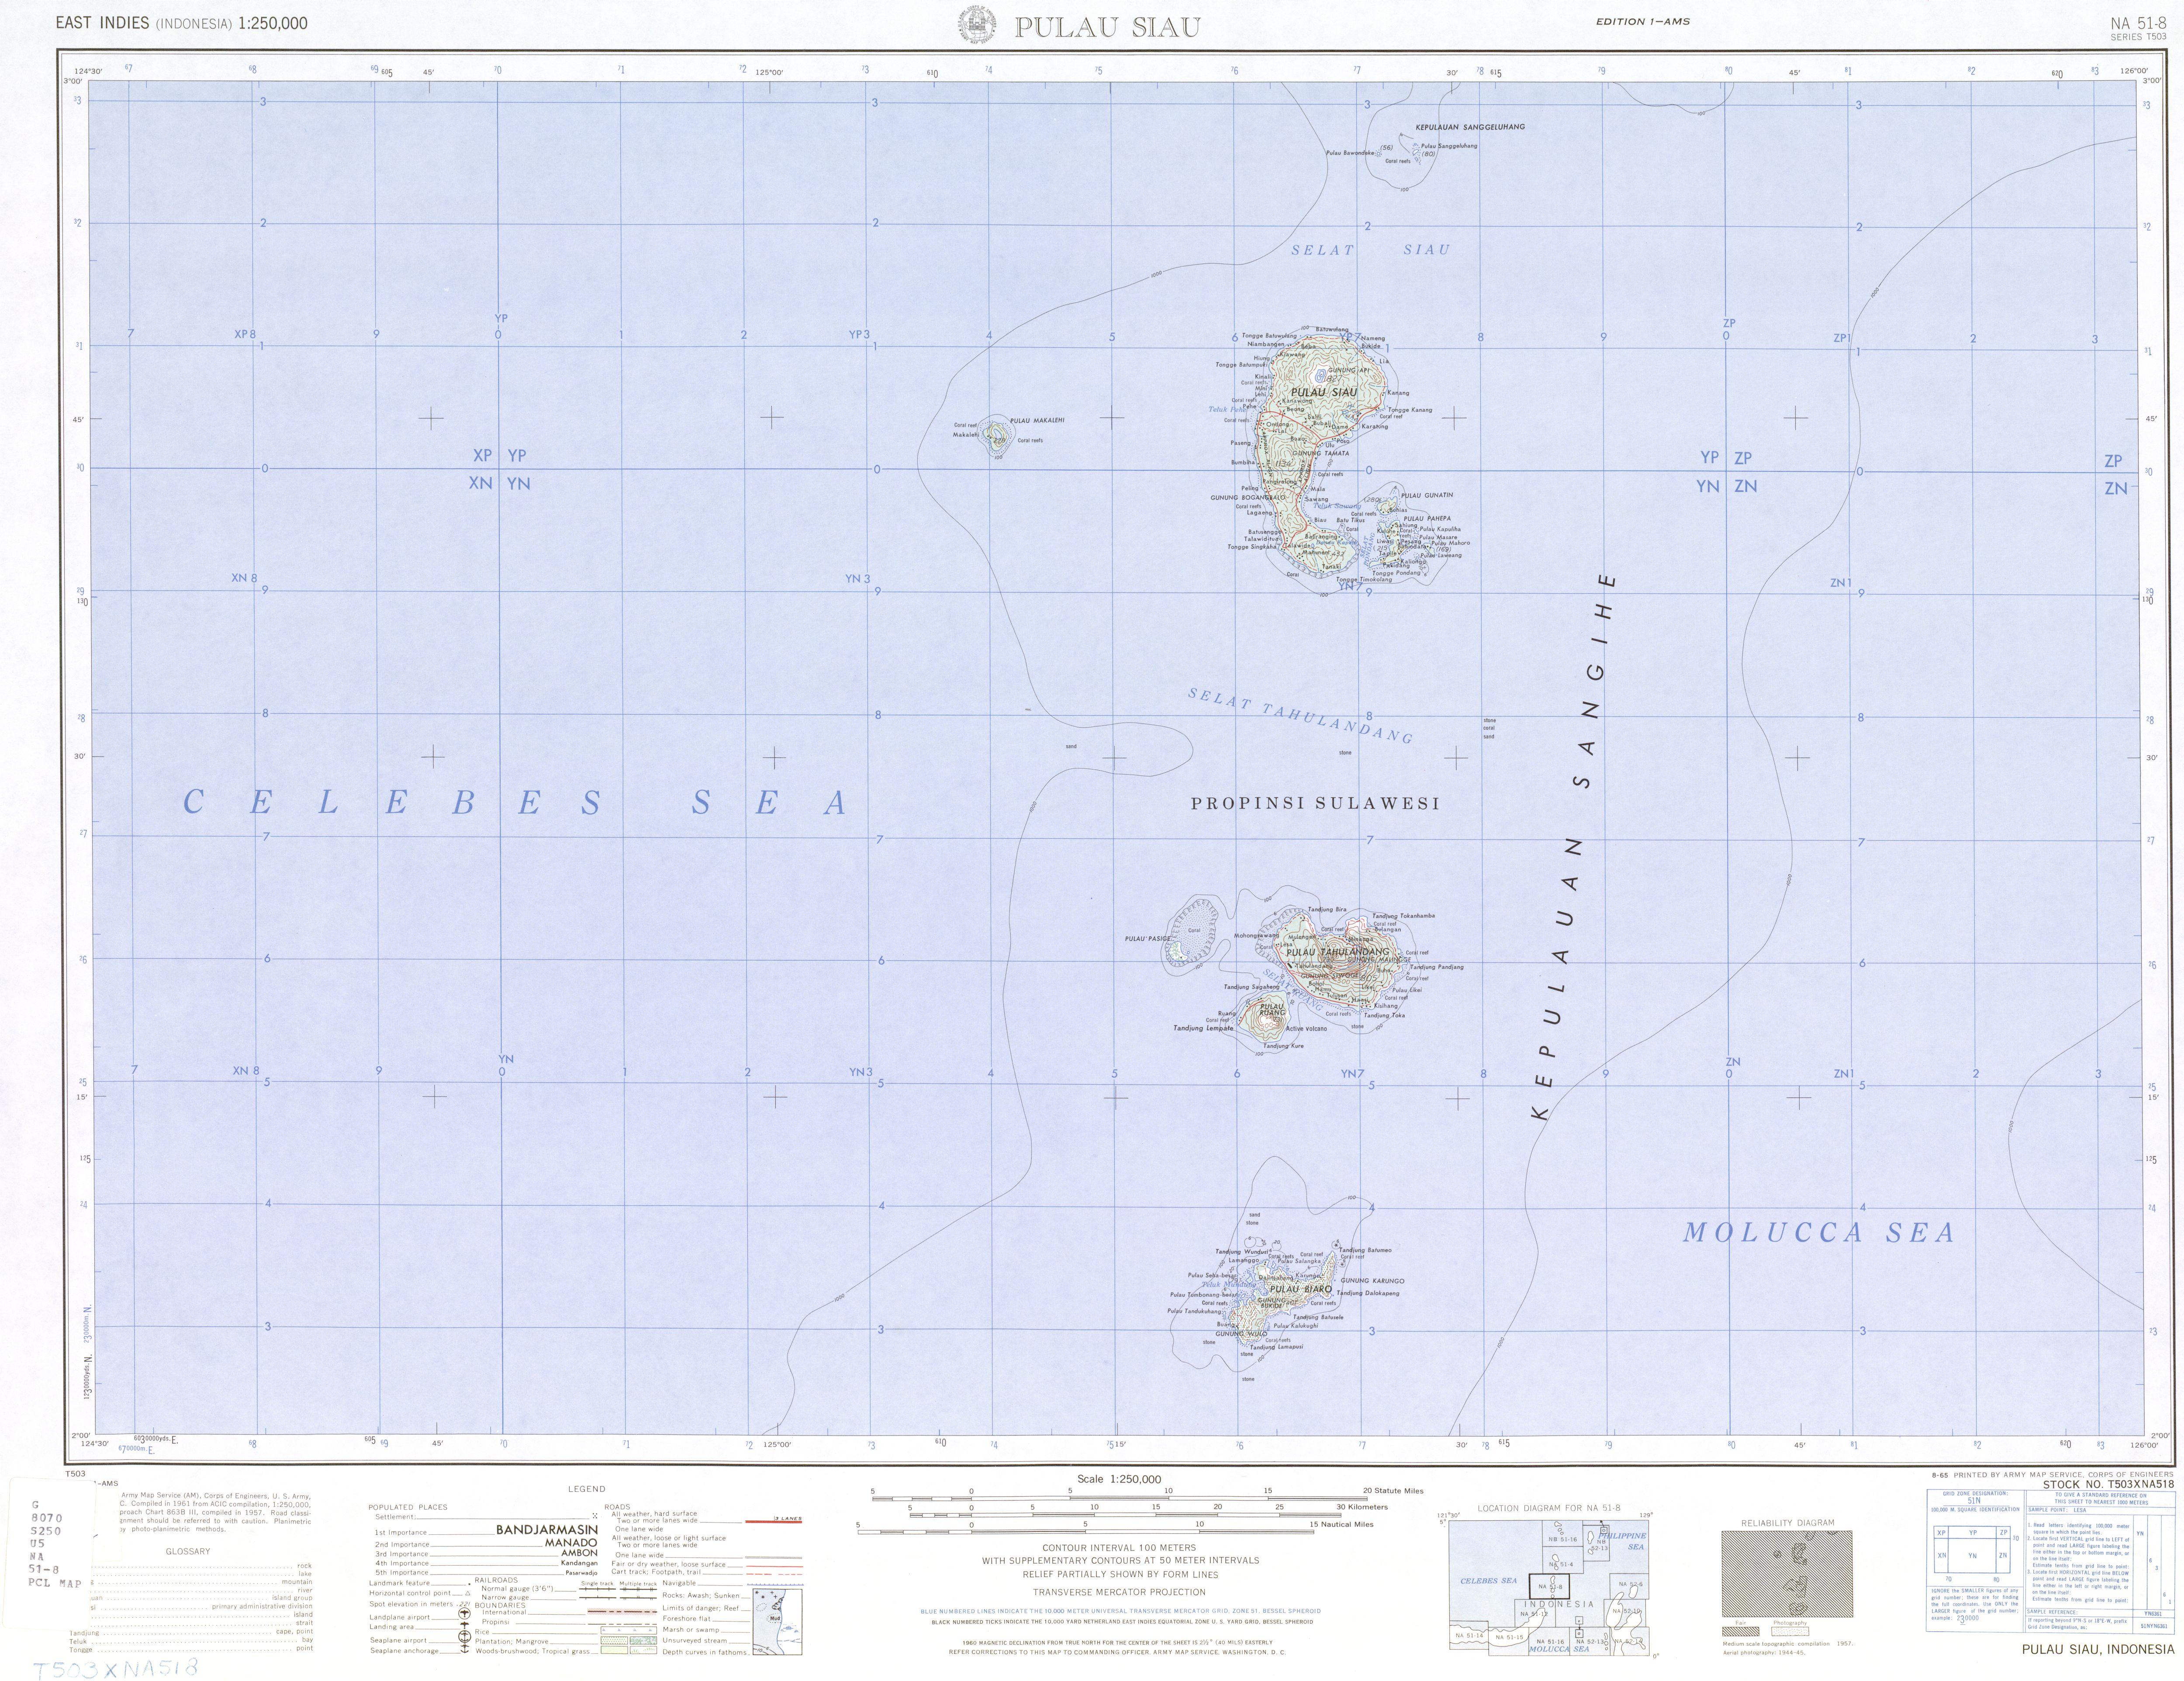 Pulau Siau